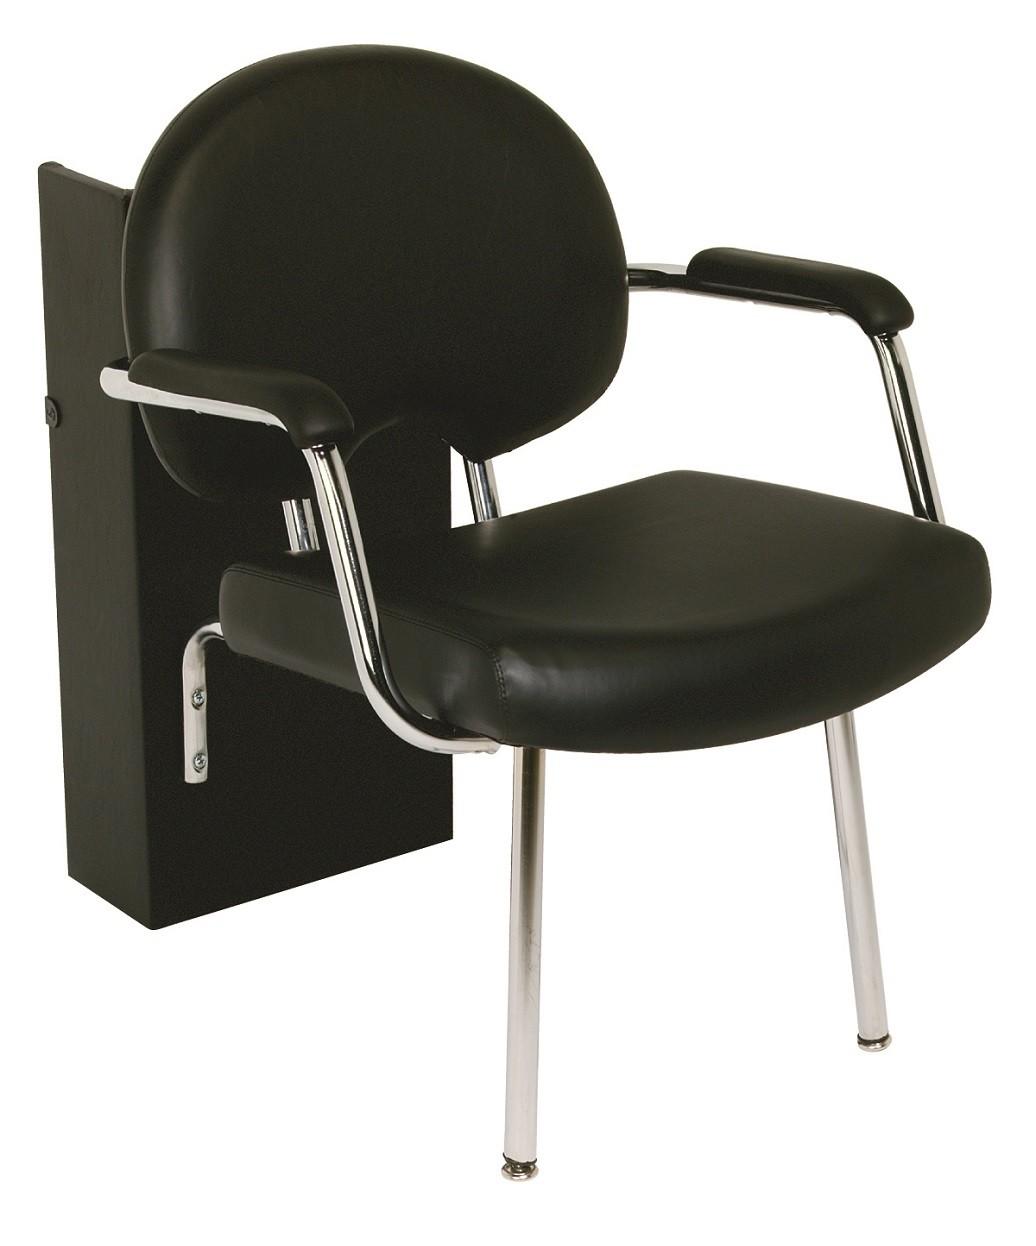 Belvedere AH23C Arch Dryer Chair